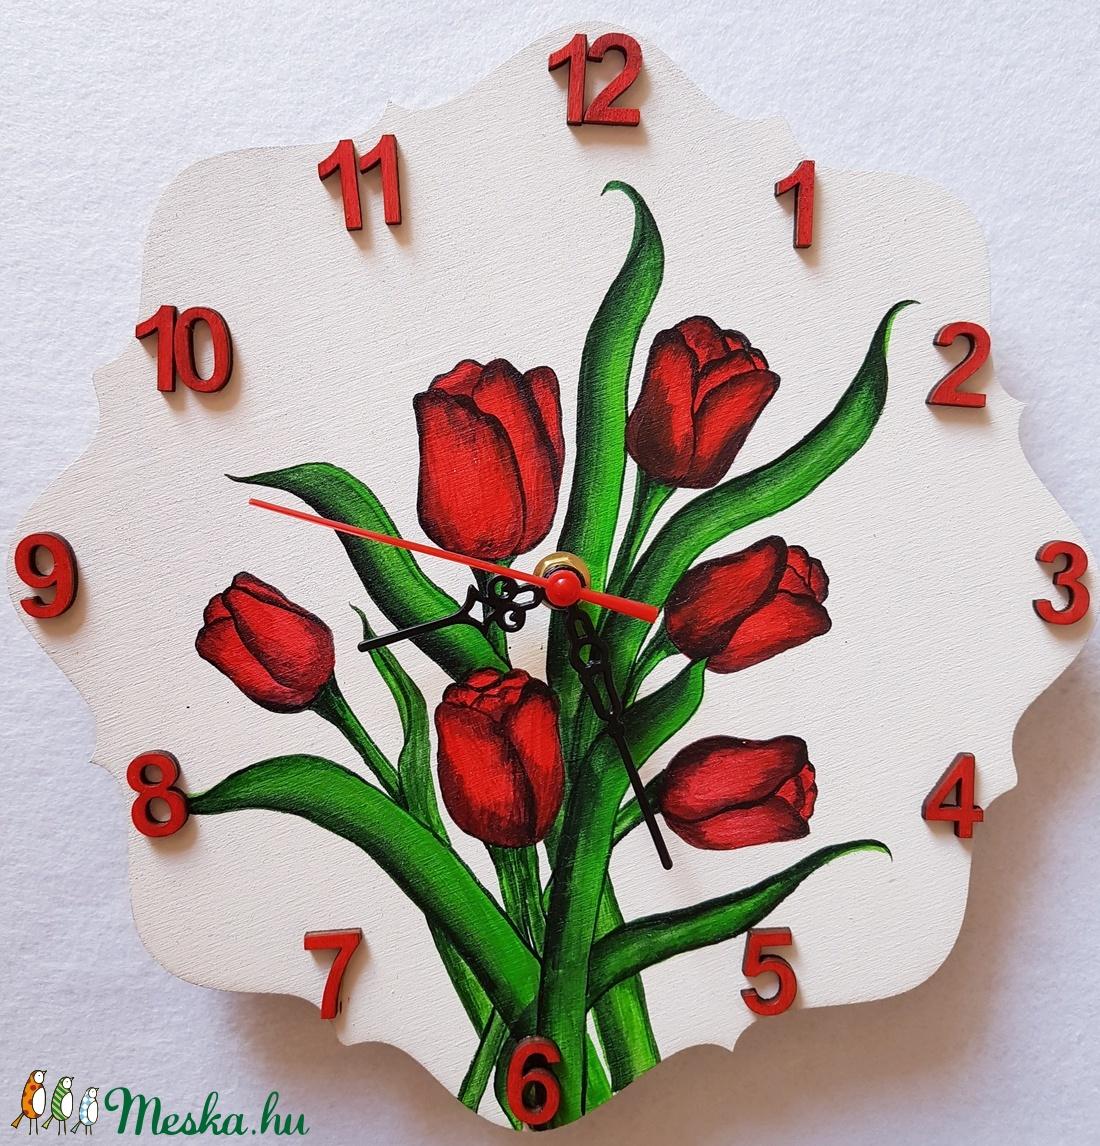 Tulipànos òra (mazsine) - Meska.hu